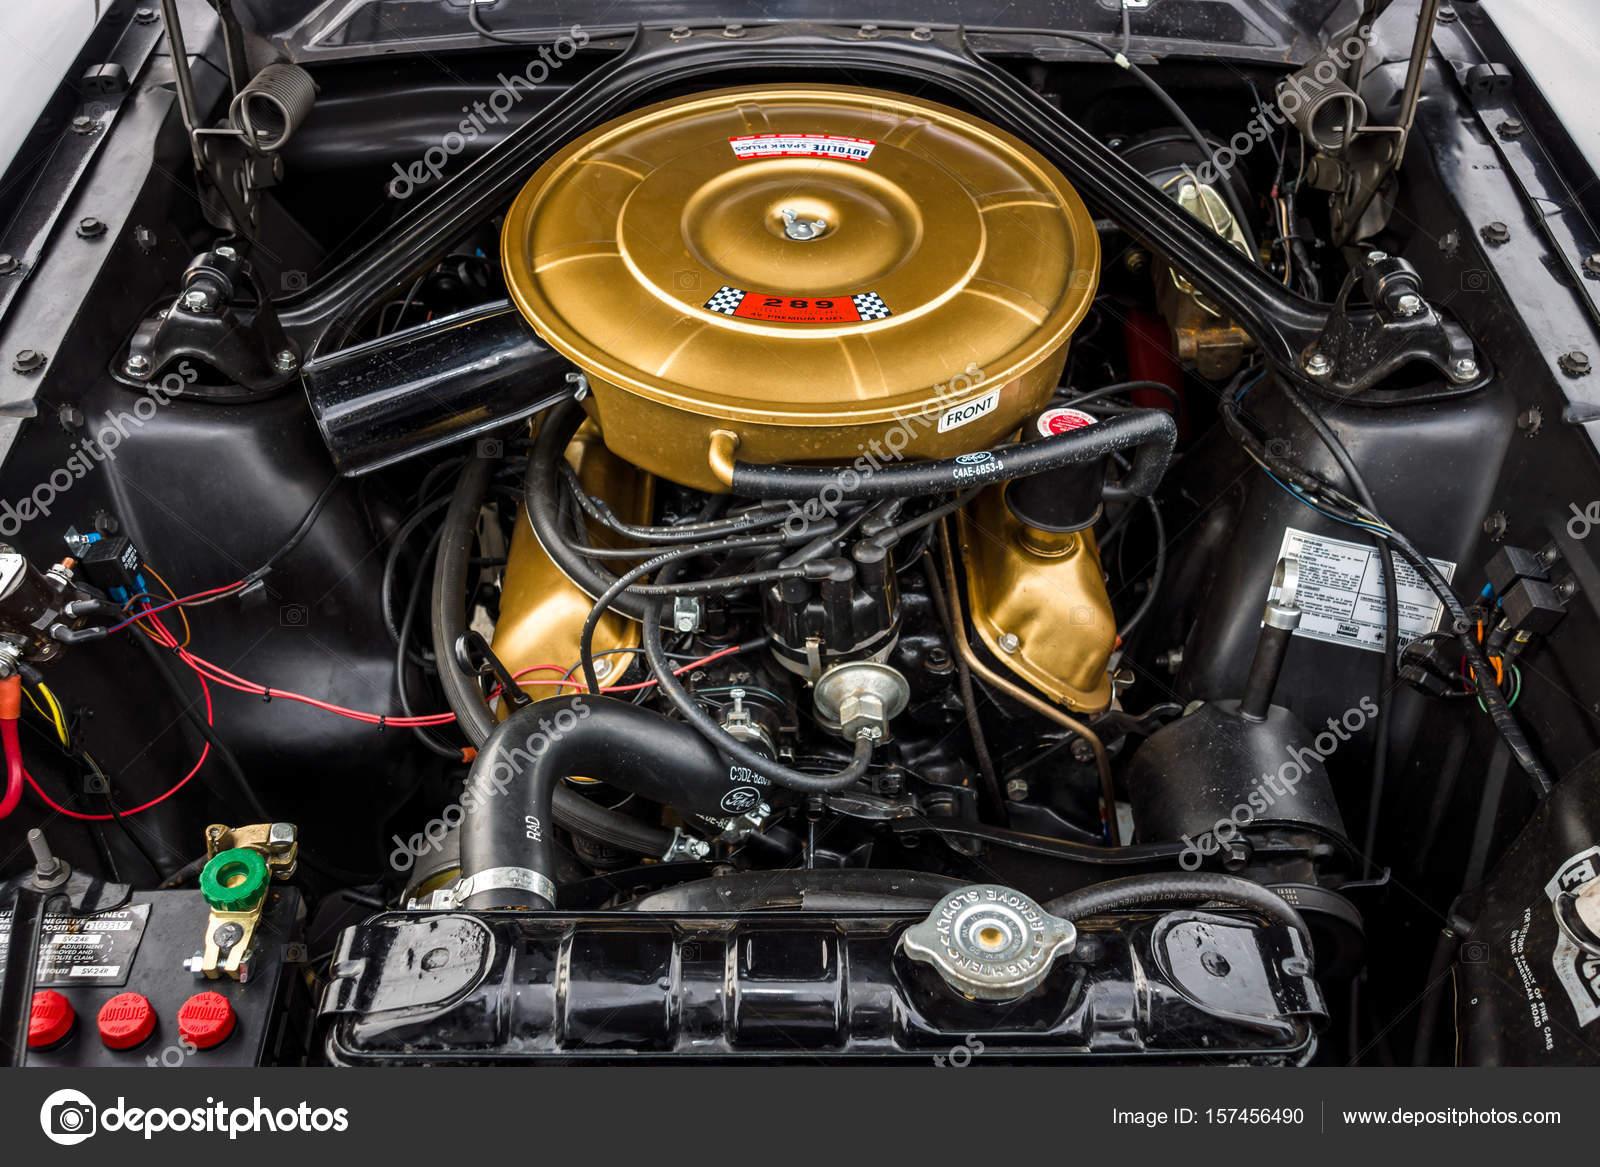 1965 Mustang Engine Diagram Free Image Wiring Diagram Engine